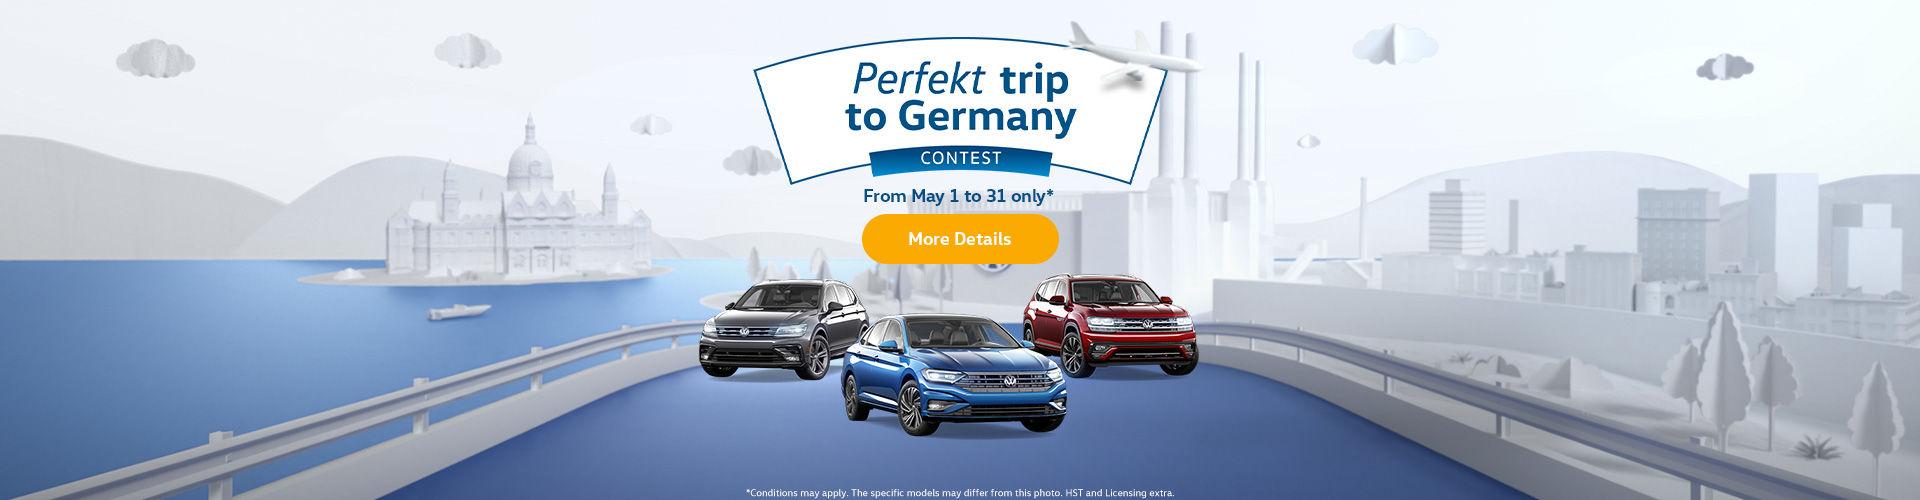 Perfekt Trip to Germany